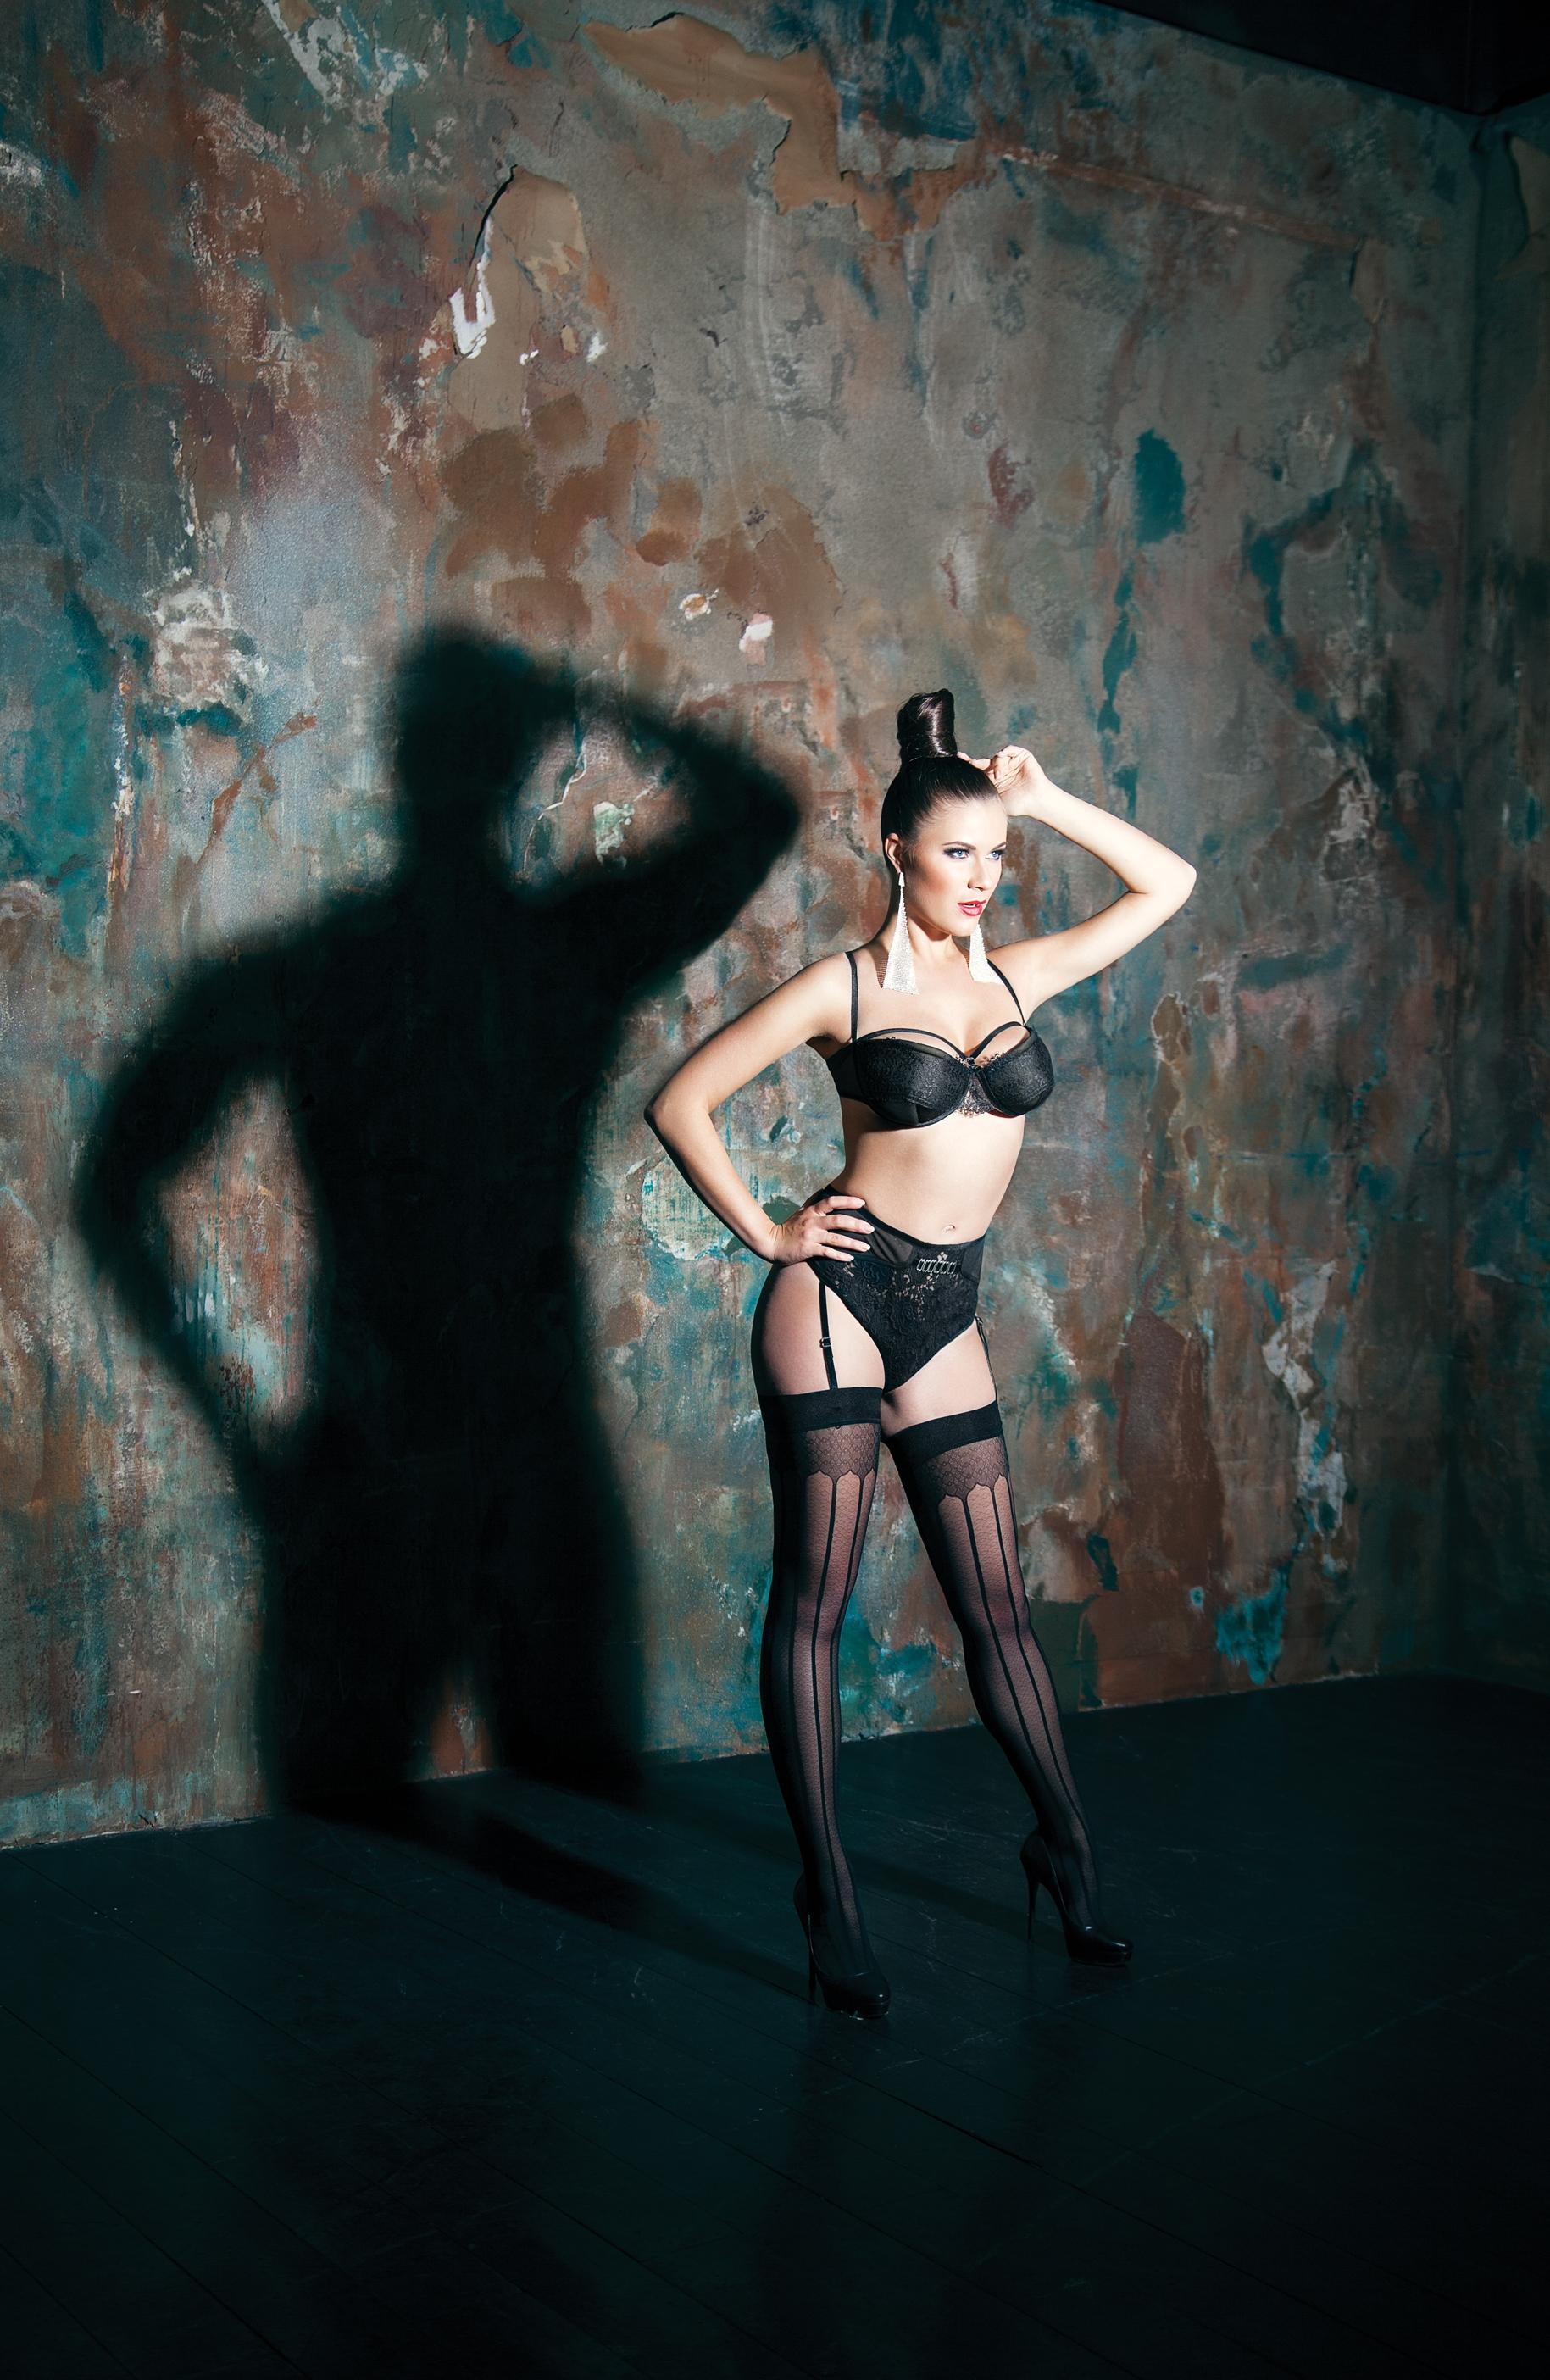 Модель и певица Кристель в фотопроекте «Тень, знай свое место»